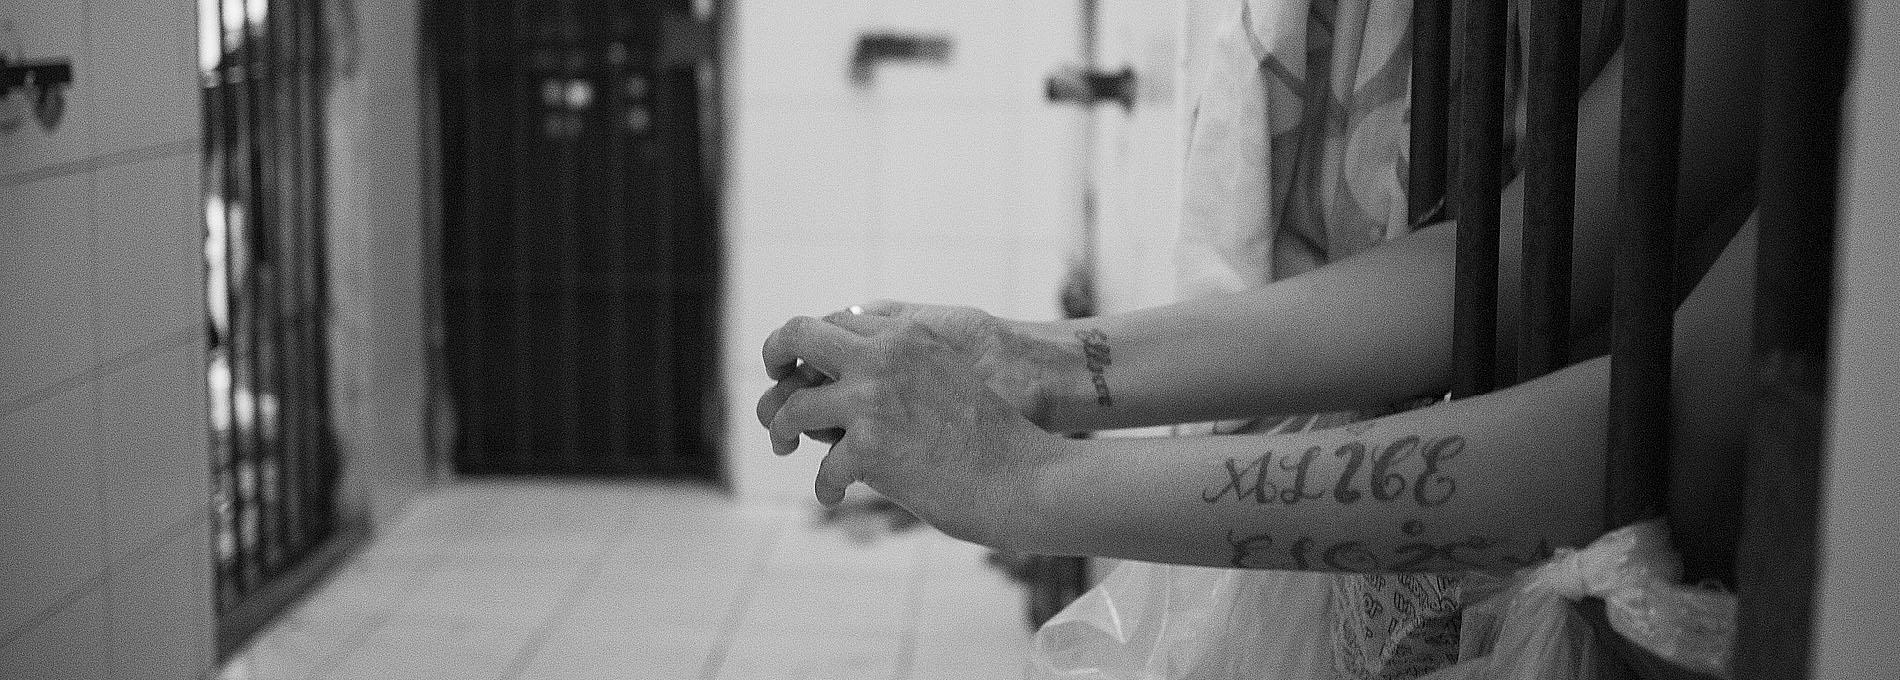 Voluntárias em prisões femininas refletem sobre o cárcere